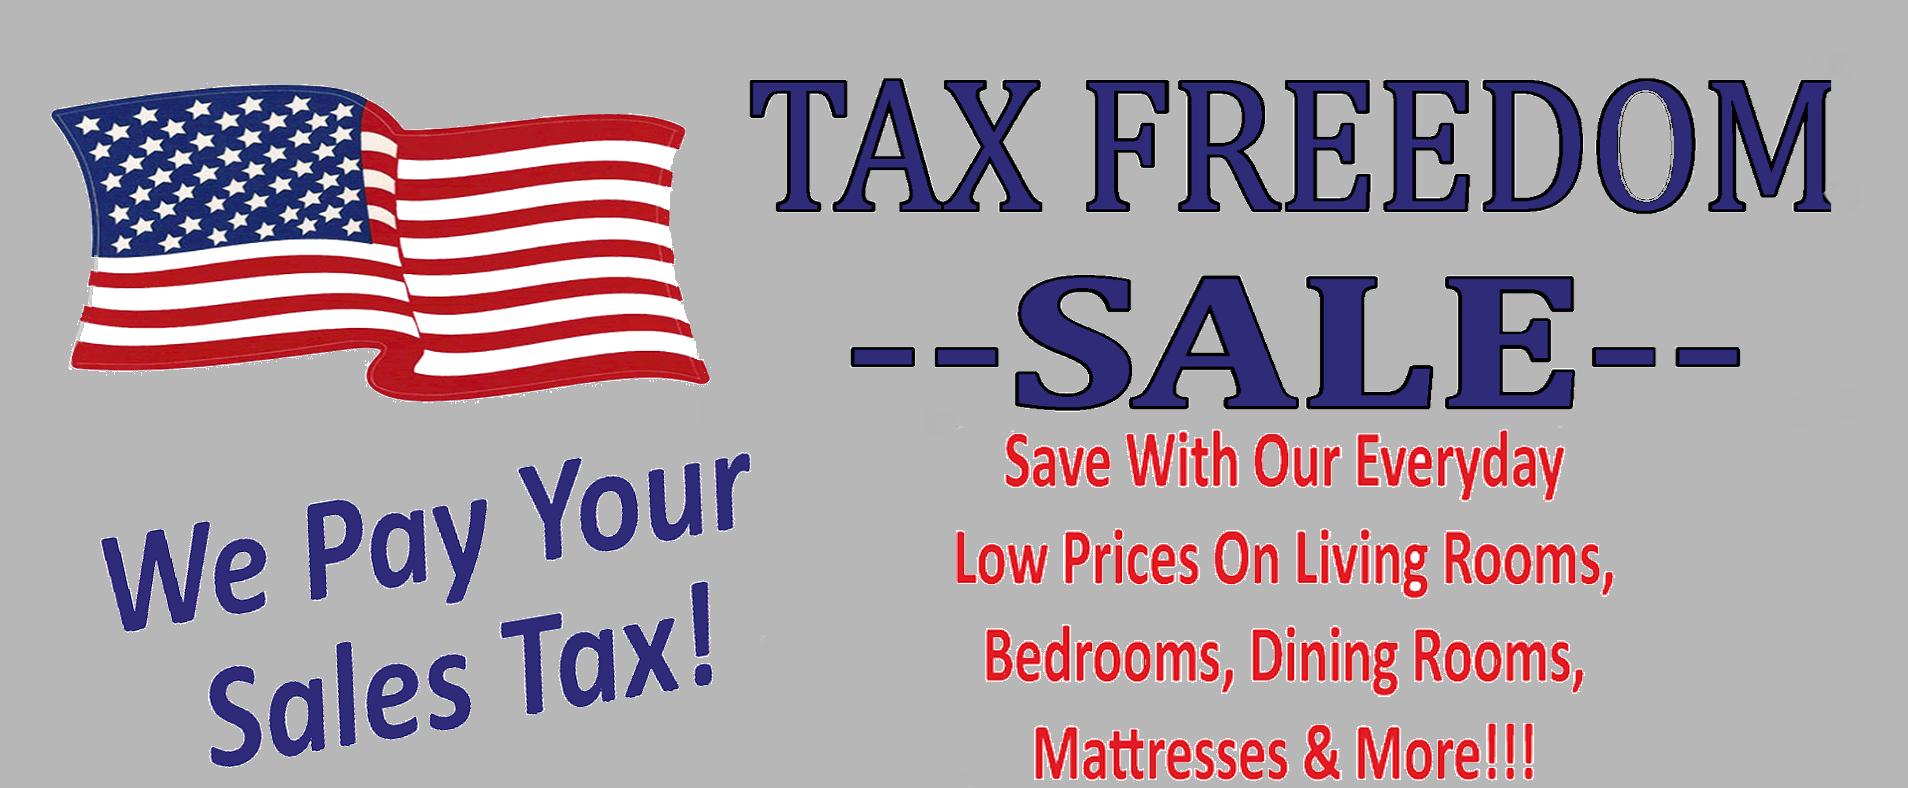 Tax Freedom Sale